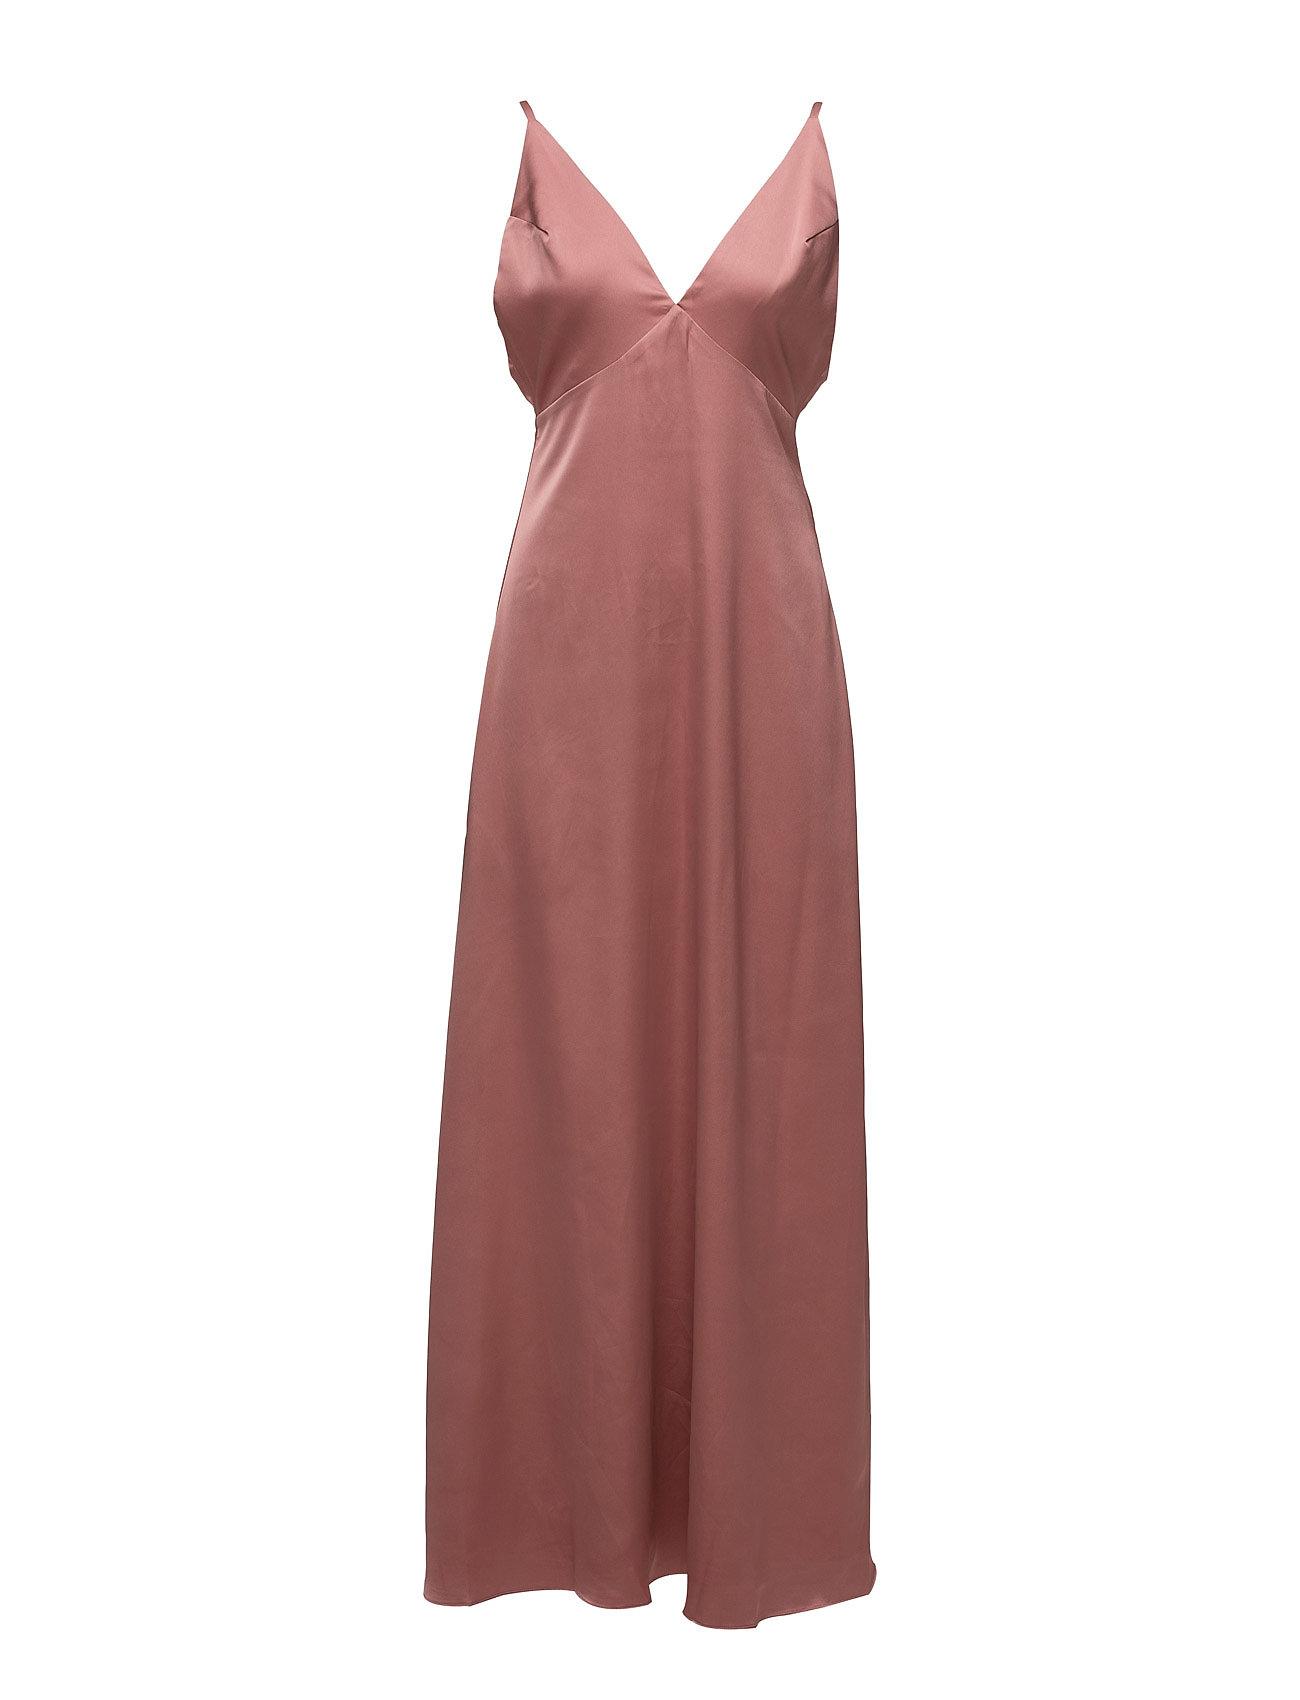 Livia Dress By Malina Kjoler til Kvinder i Rødme